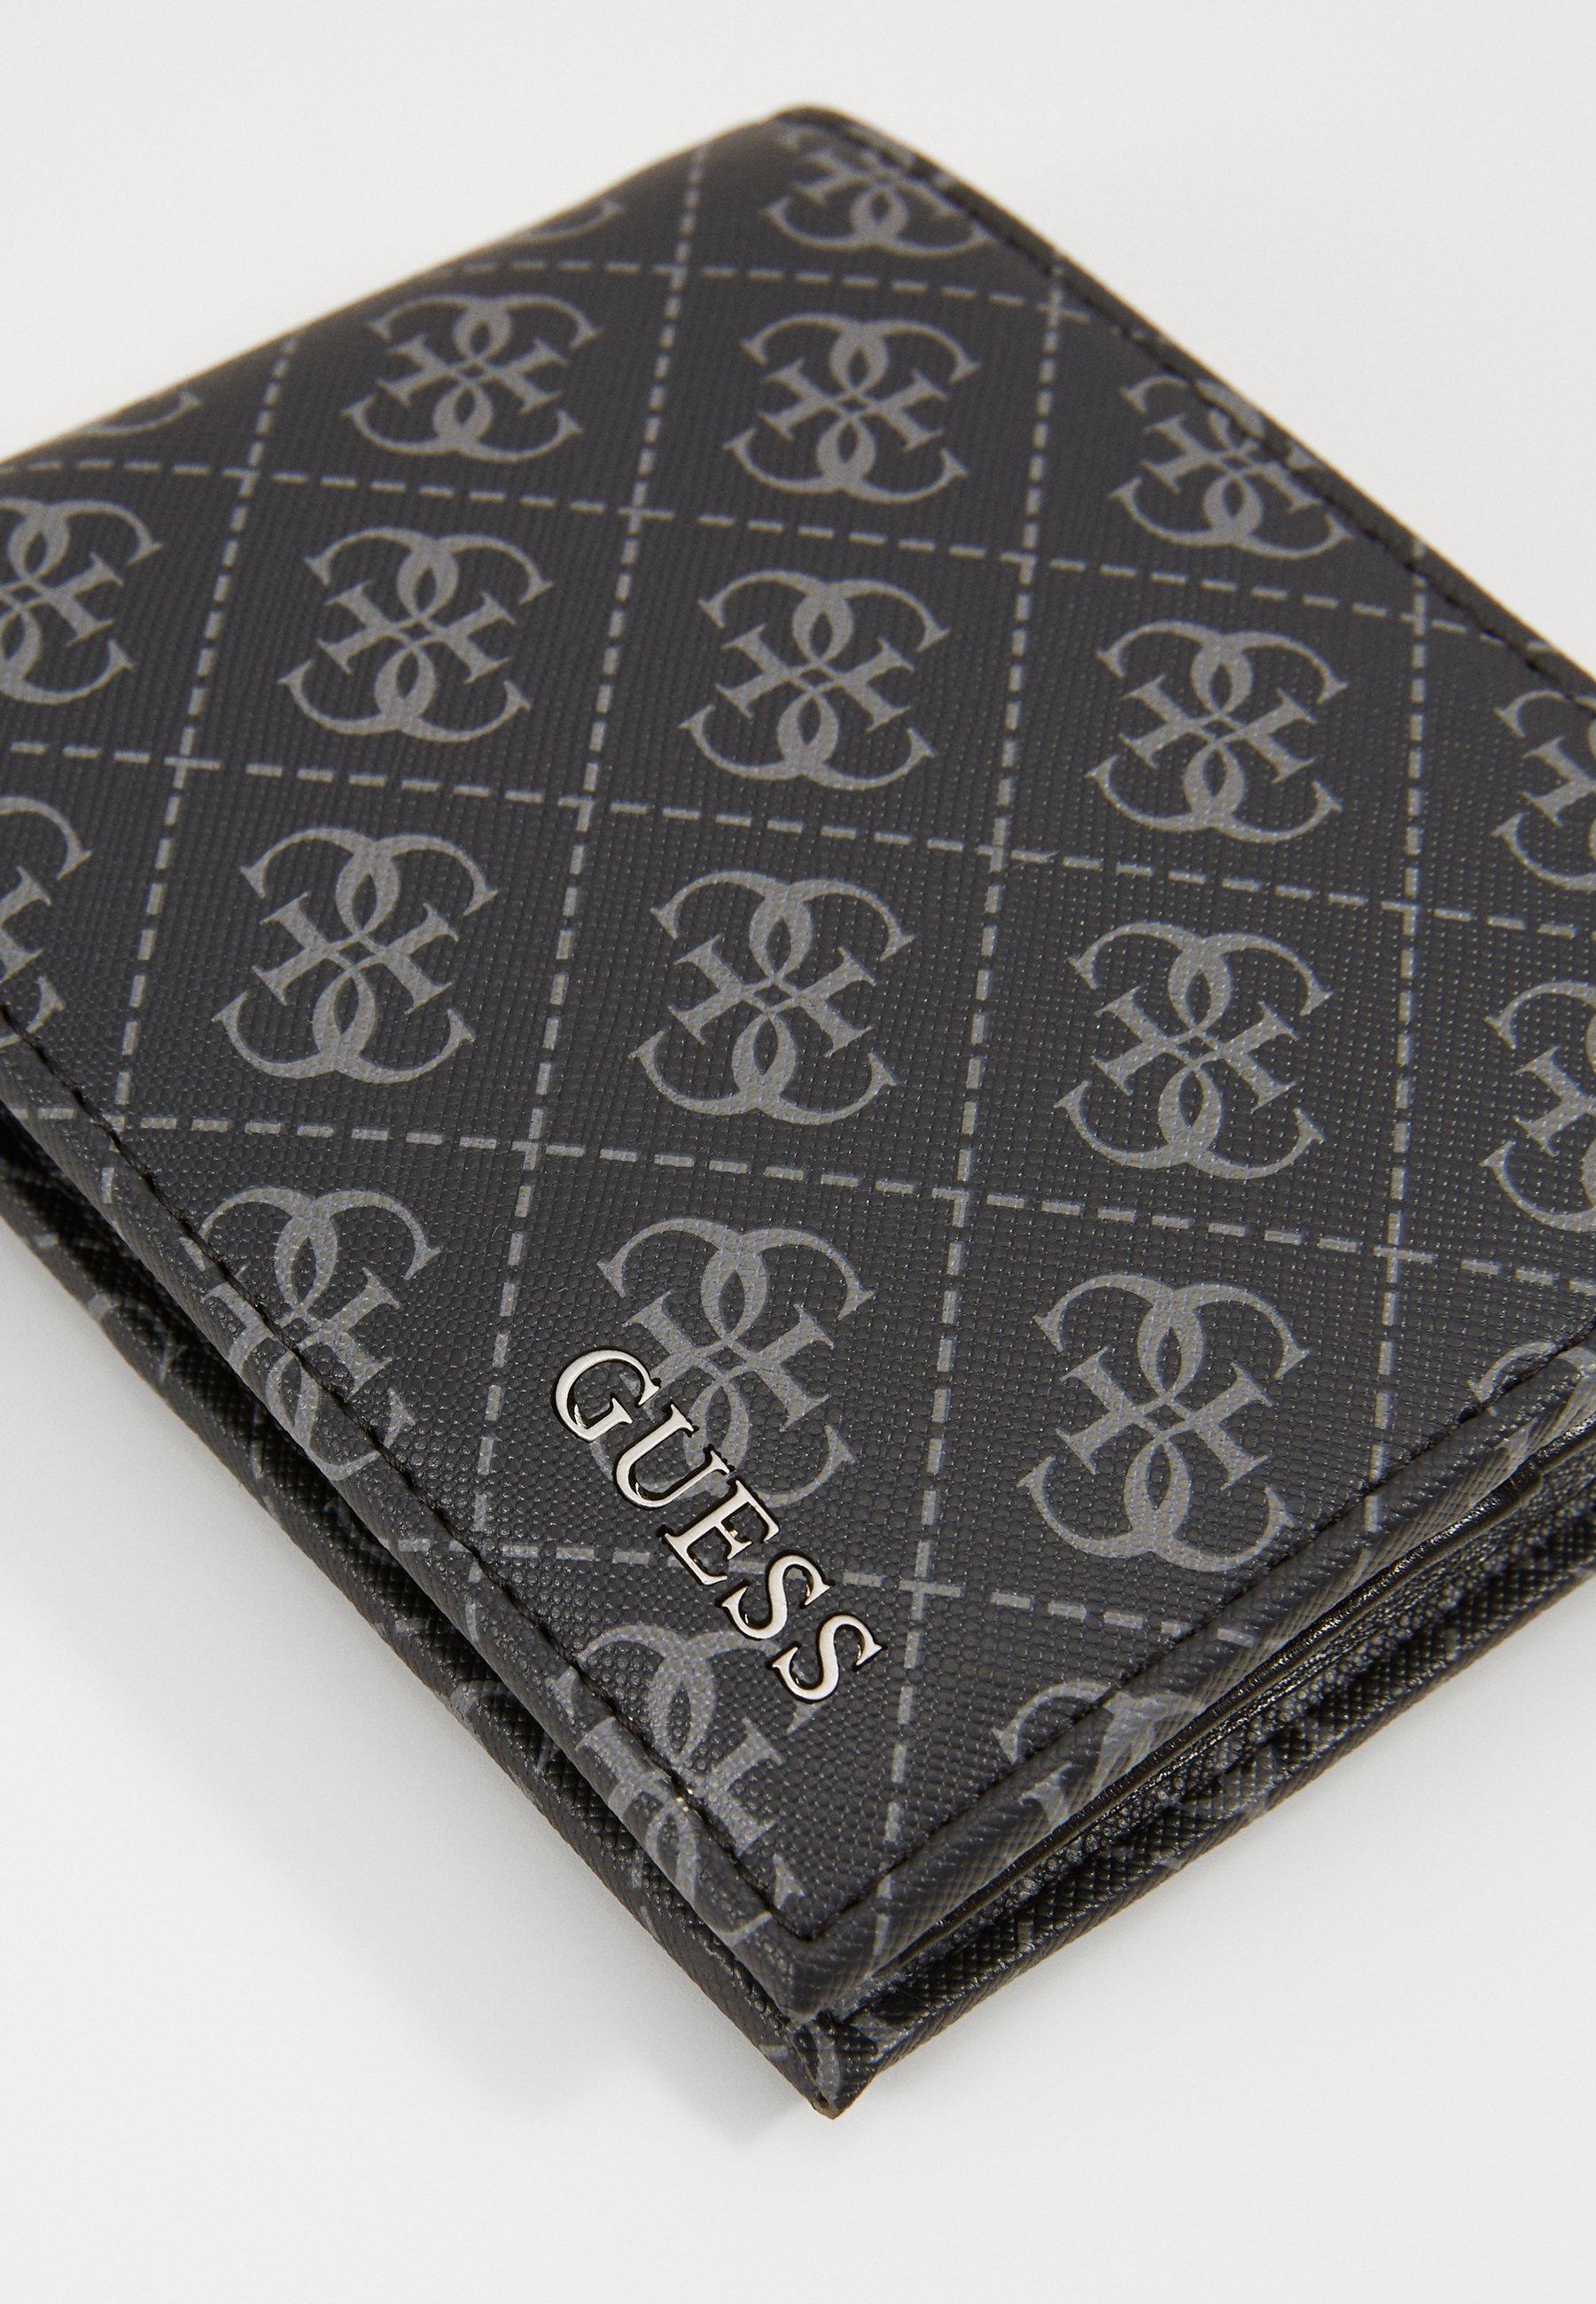 Guess DAN LOGO BILLFOLD - Geldbörse - black/schwarz - Herrentaschen M6D3l